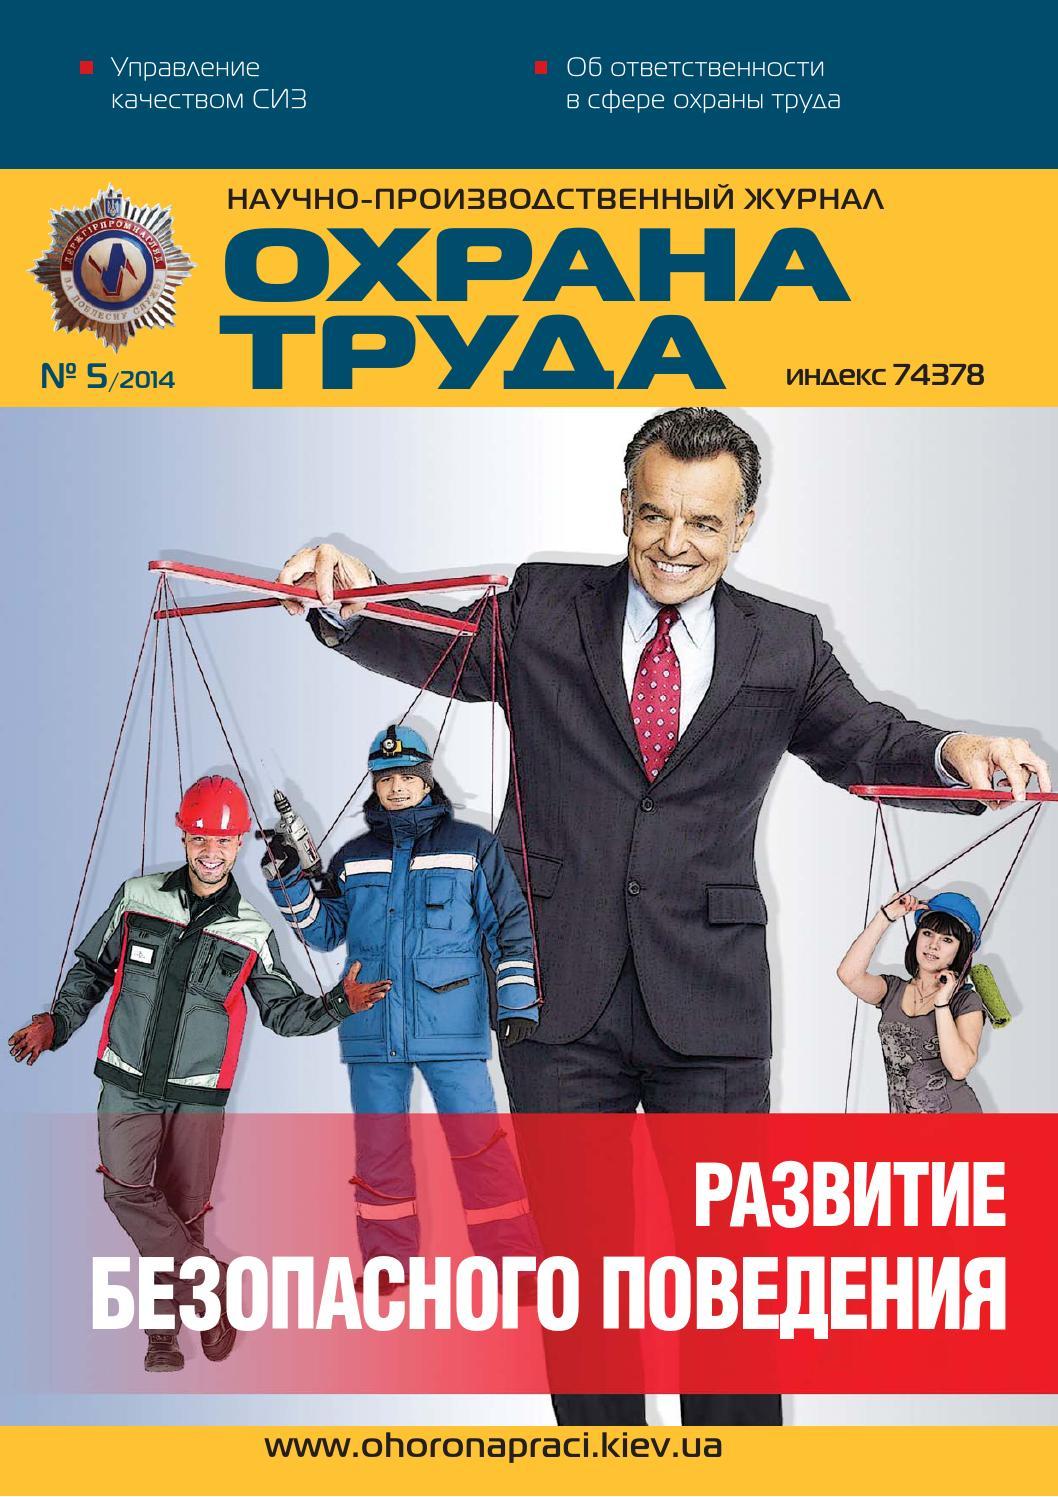 Г кировград работа охрана труда промышленная безопасность